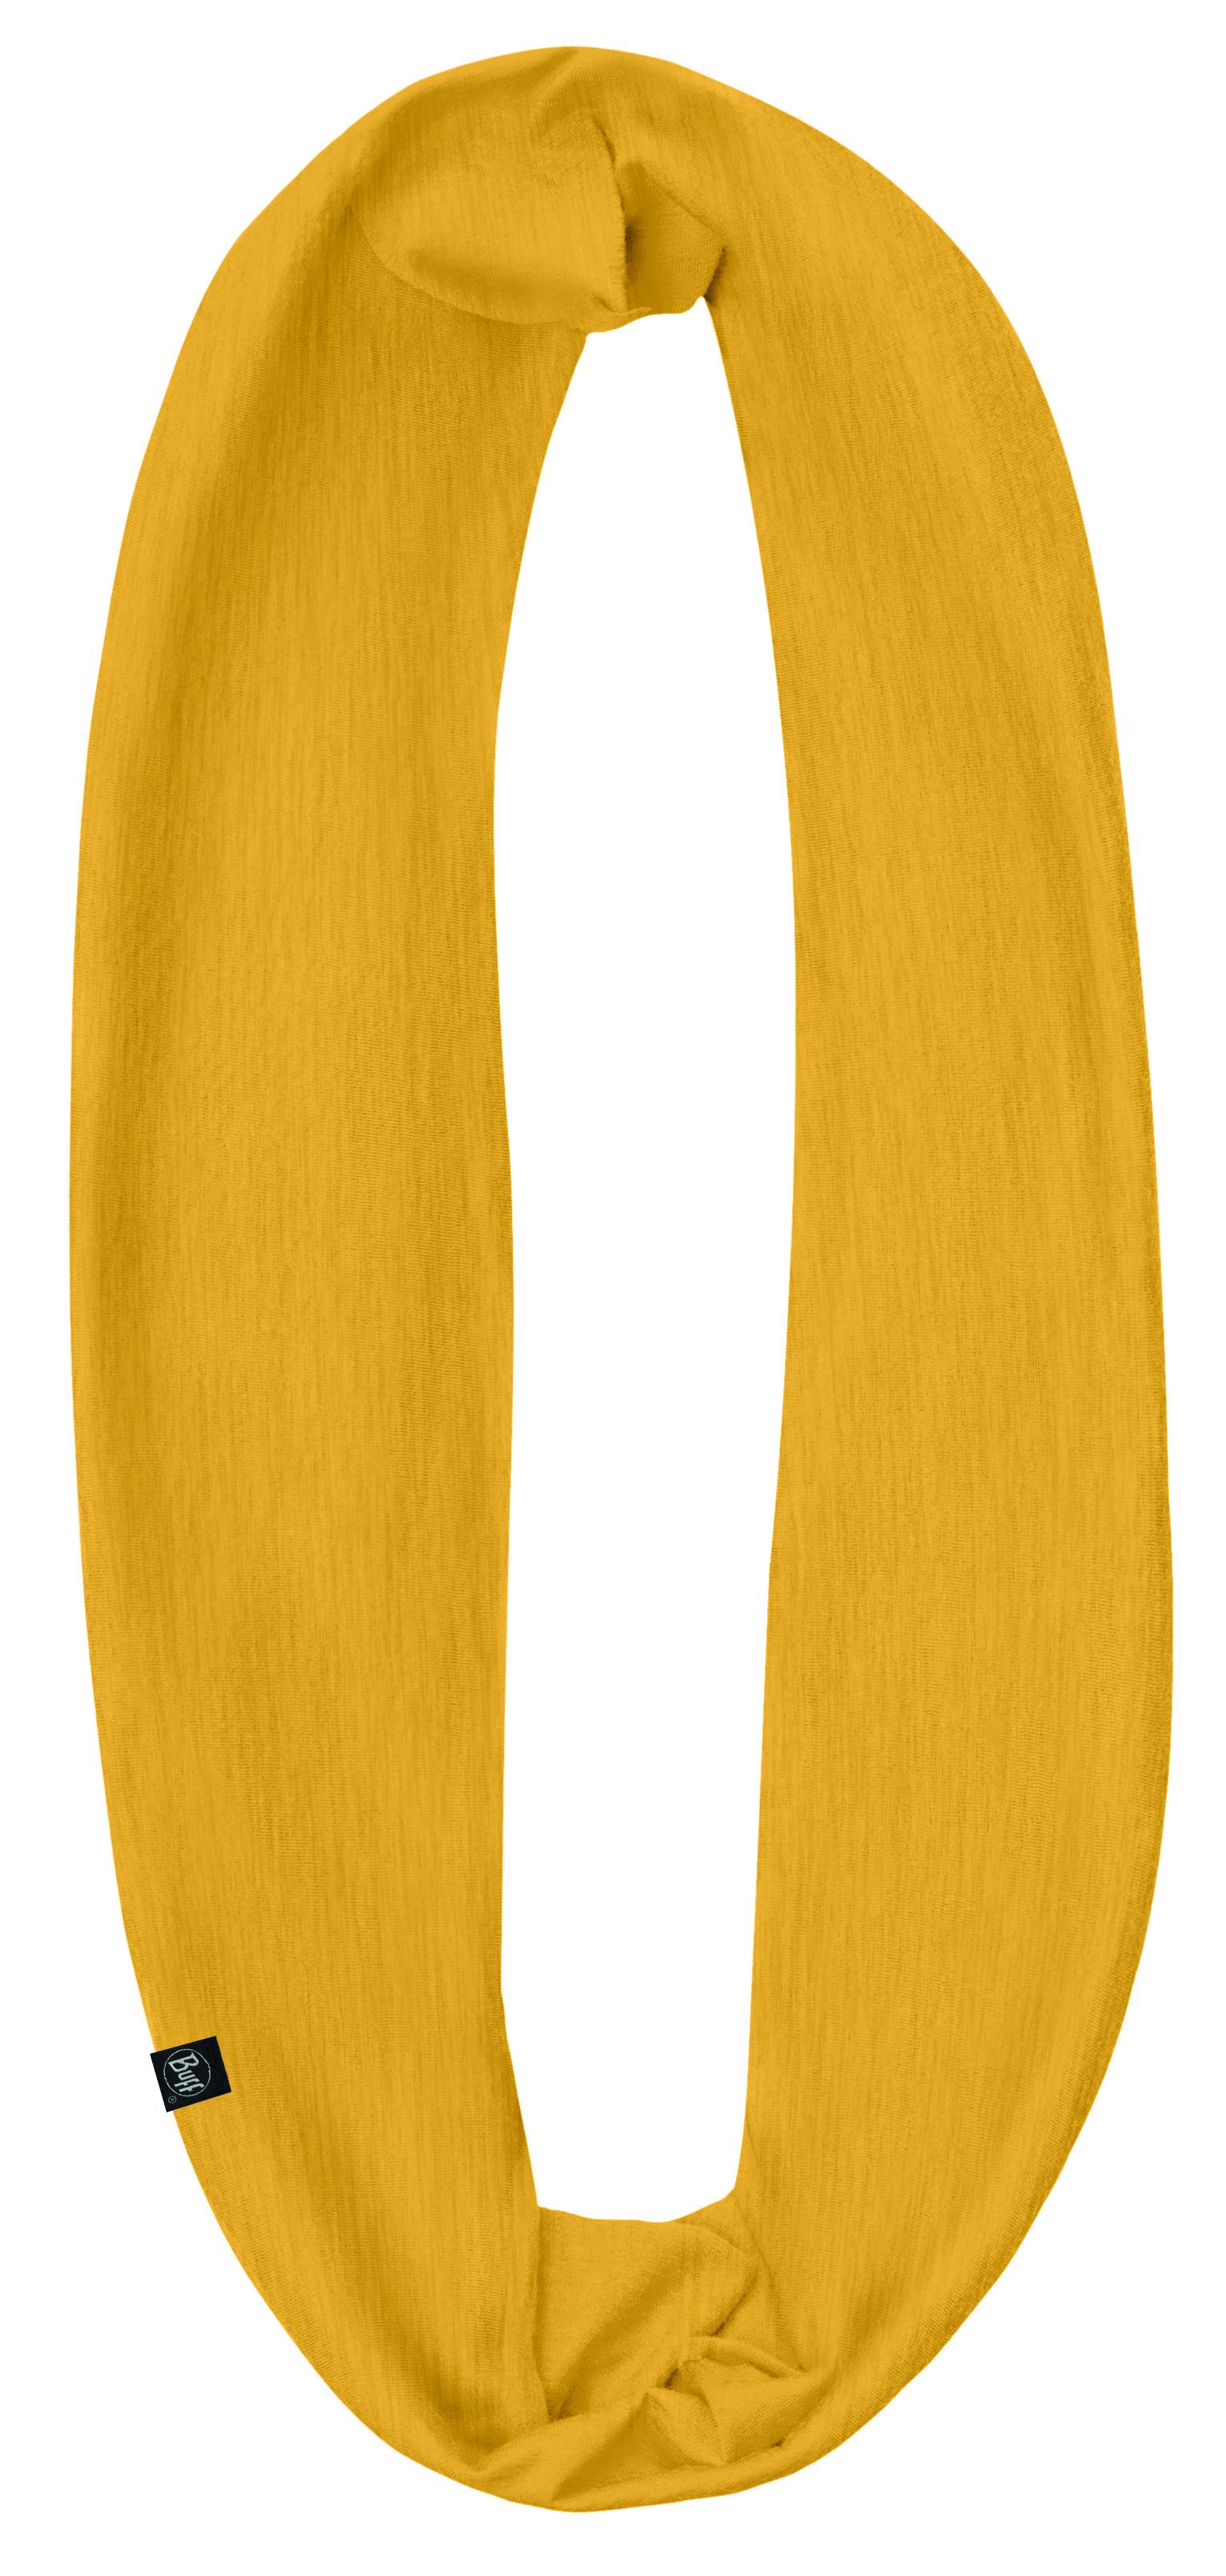 Шарф BUFF INFINITY SOLID MUSTARD Банданы и шарфы Buff ® 1312912  - купить со скидкой